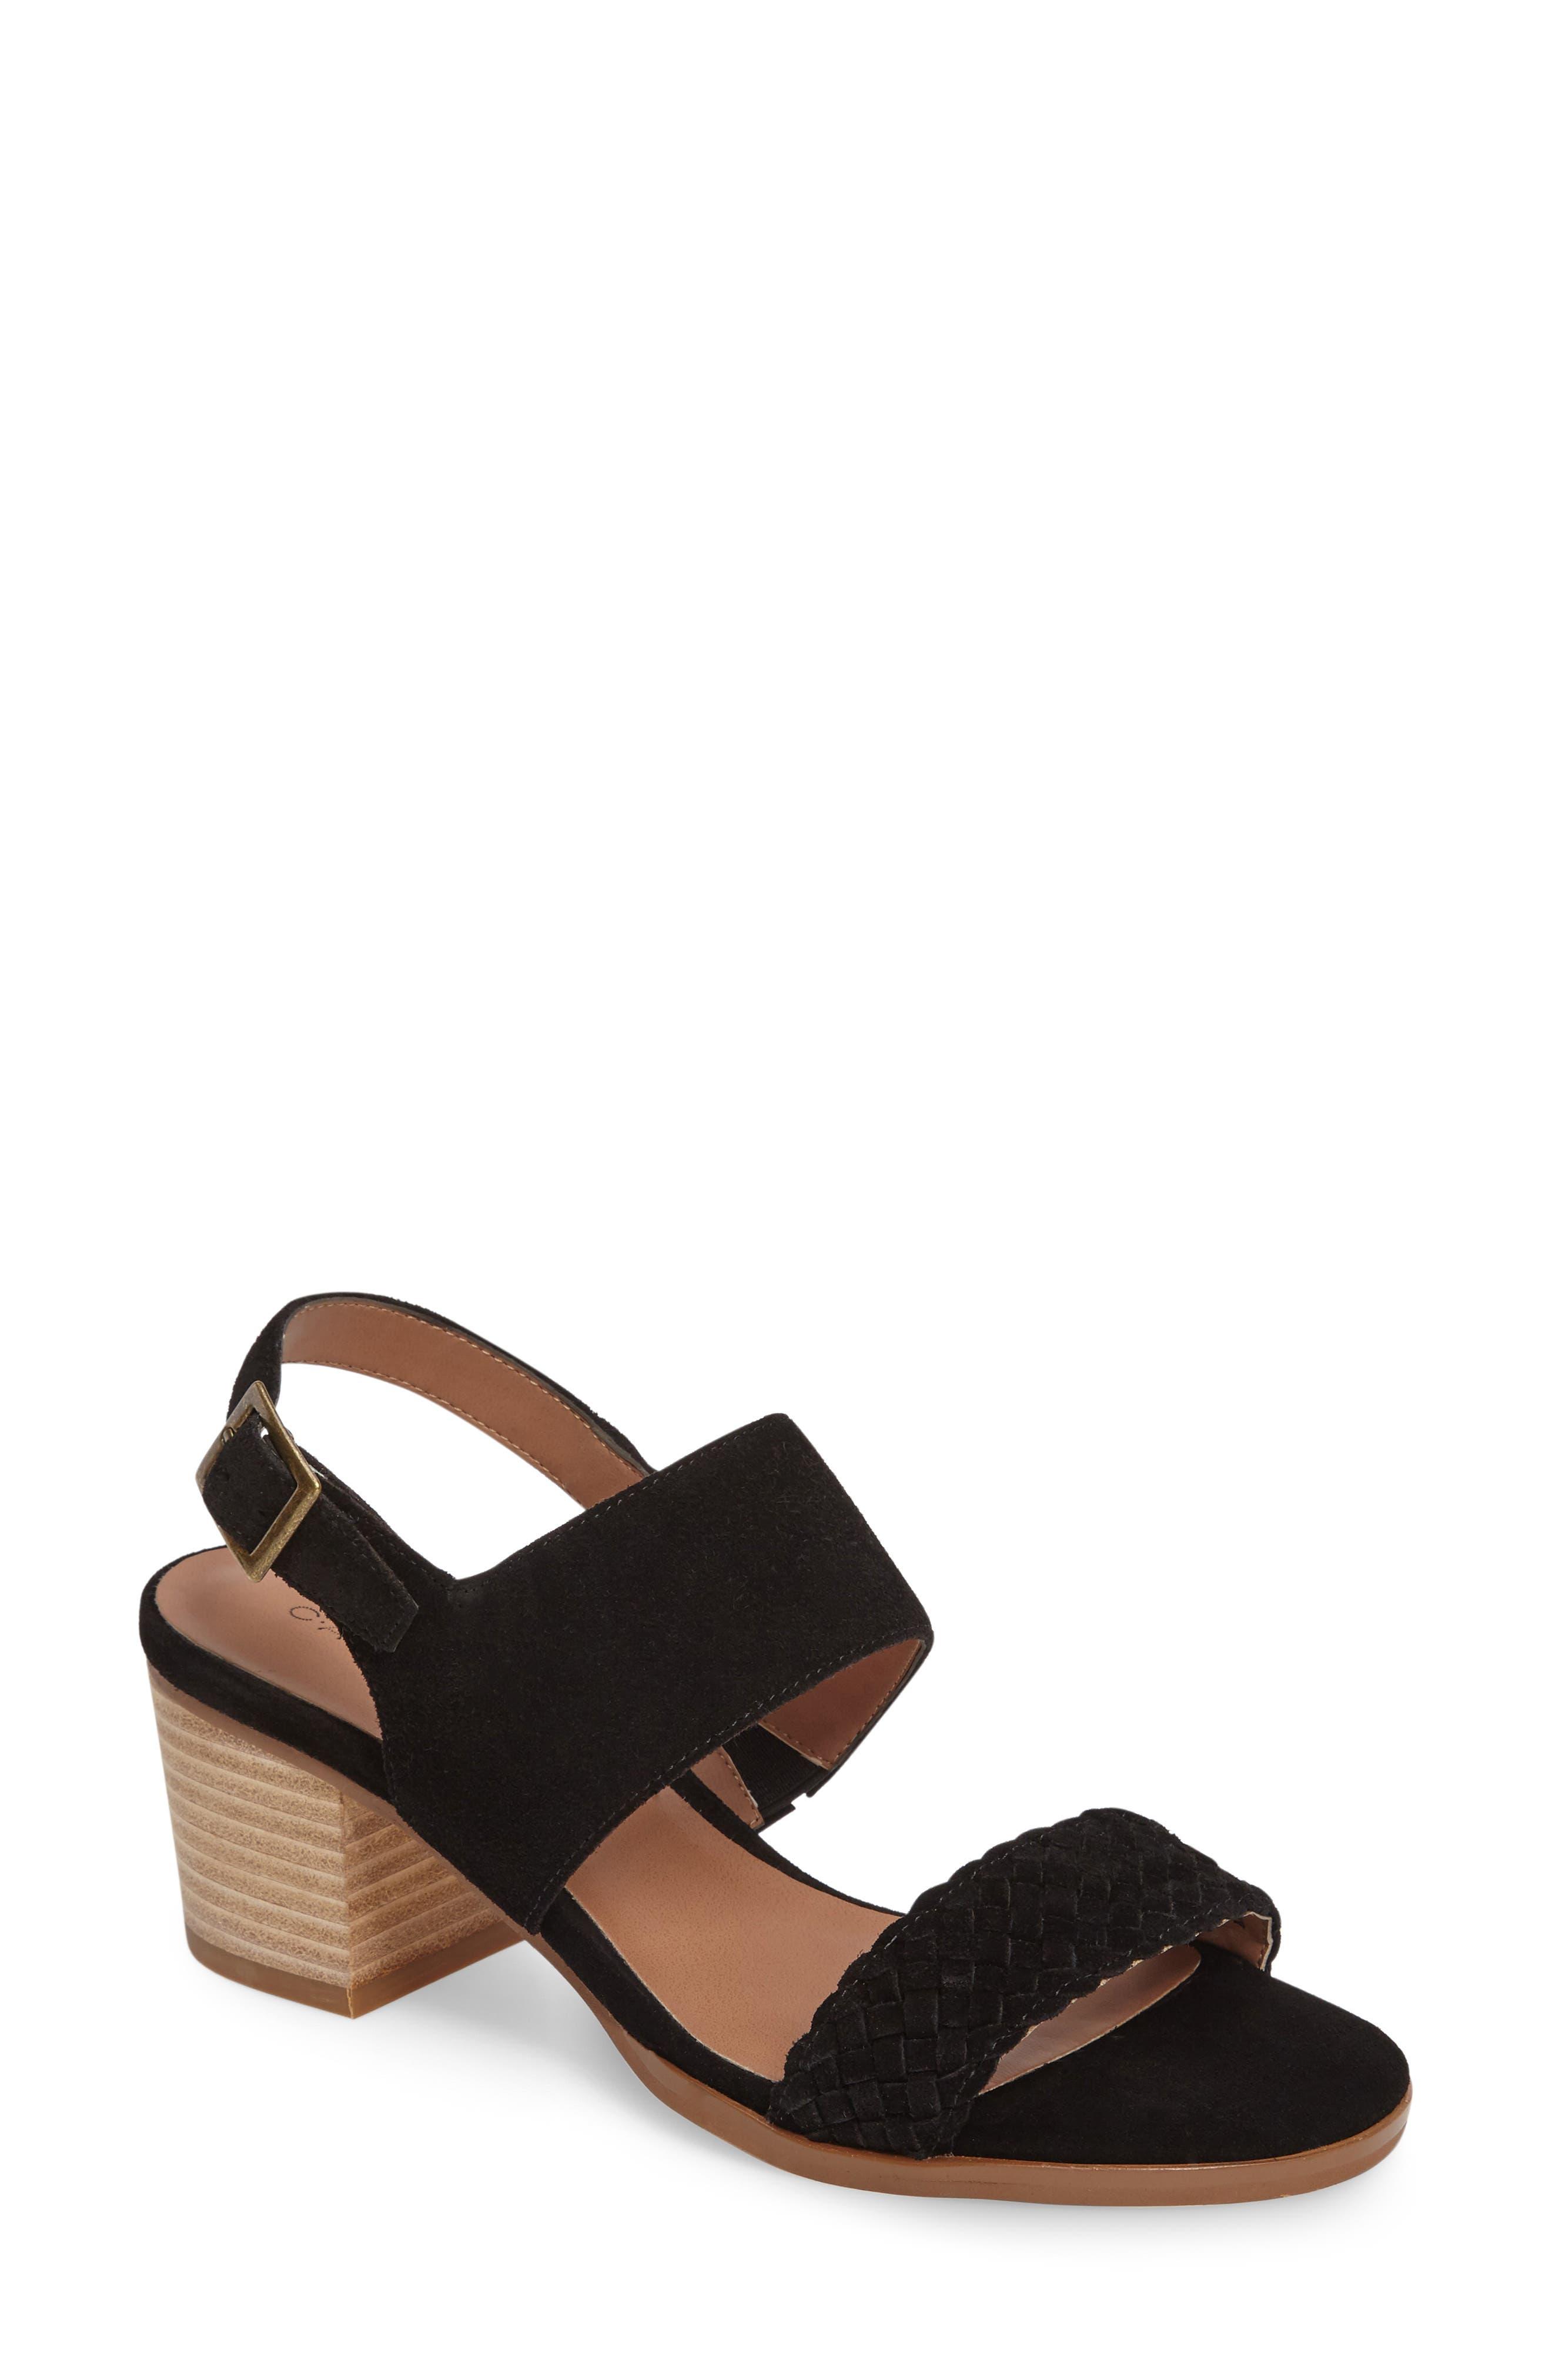 CASLON<SUP>®</SUP> Carden 2 Sandal, Main, color, 001